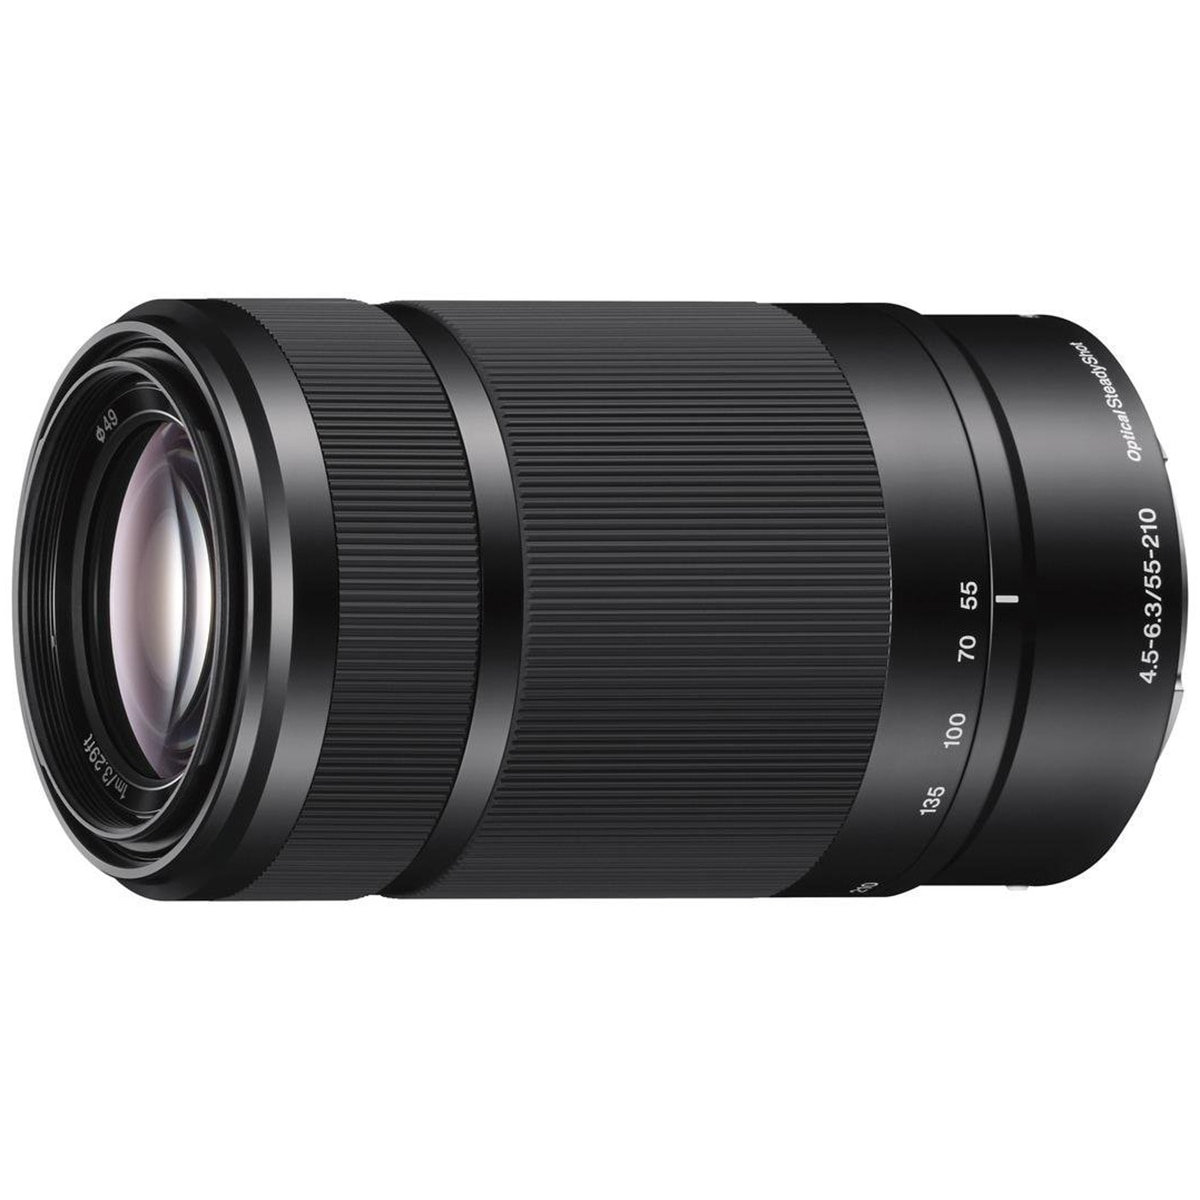 Fotografie Obiectiv Sony, montura E, 55-210mm, F4.5-6.3 OSS, Negru